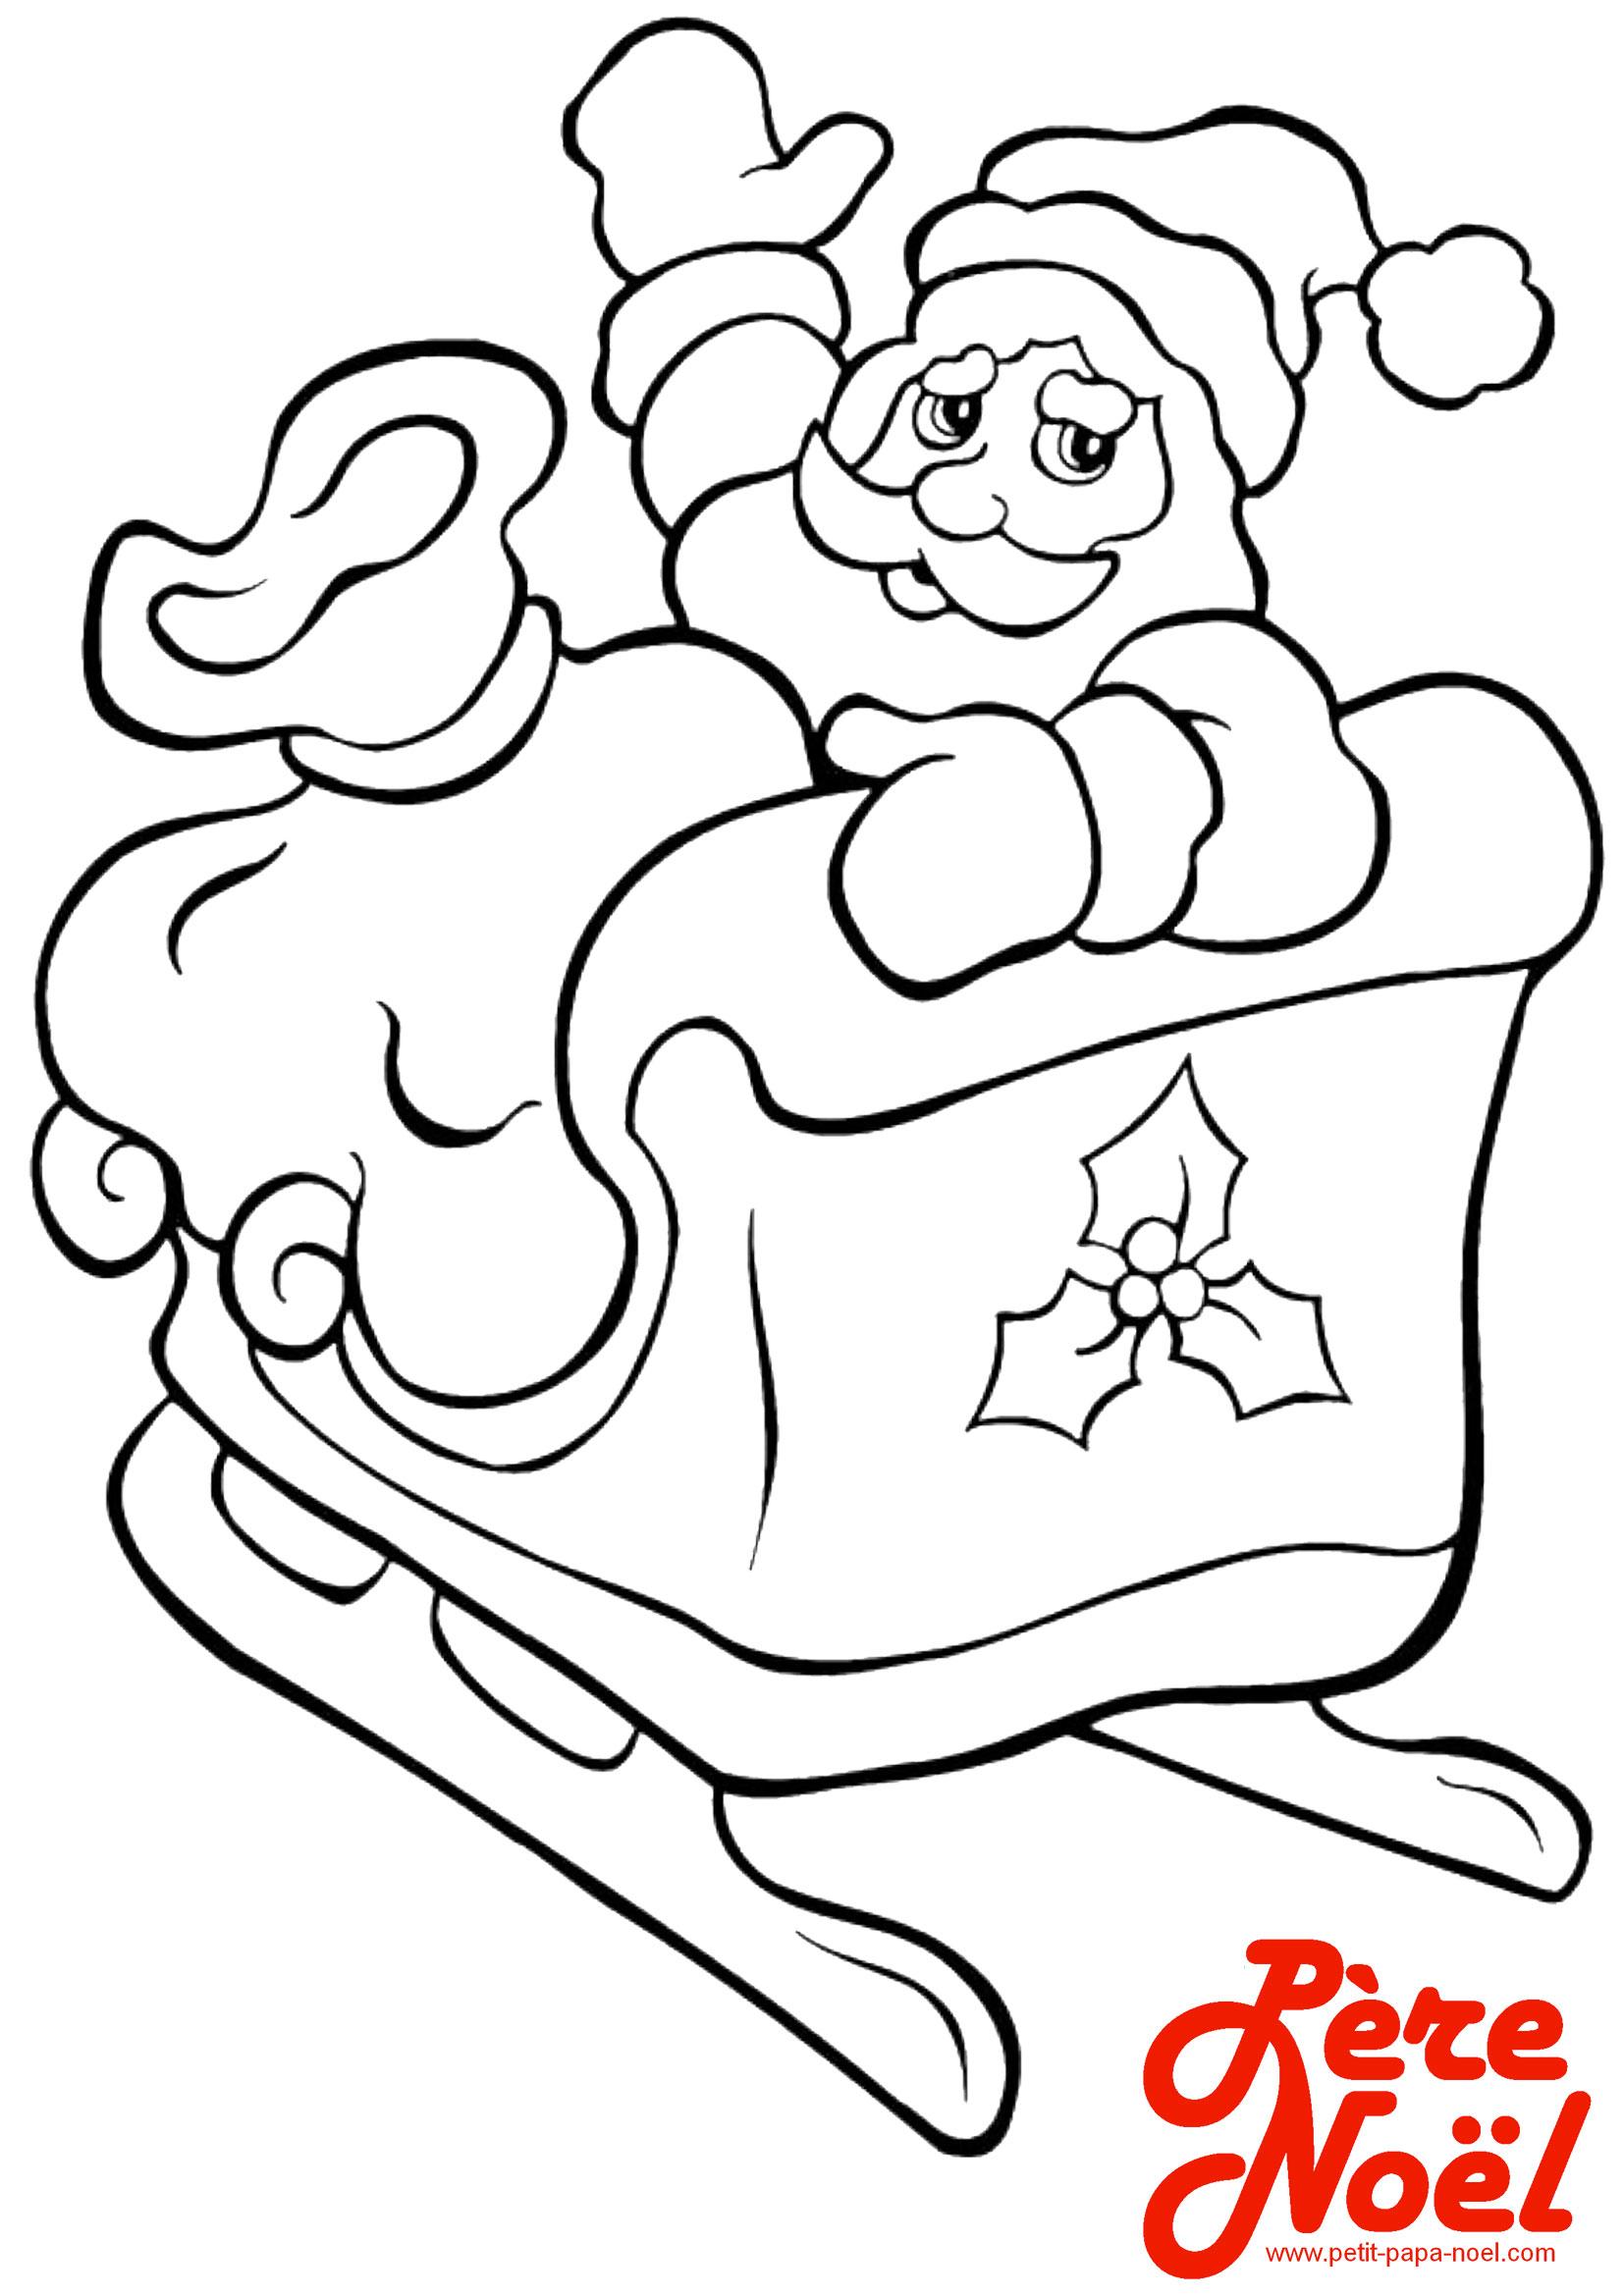 Coloriage Traîneau Du Père Noël Petit Papa Noël